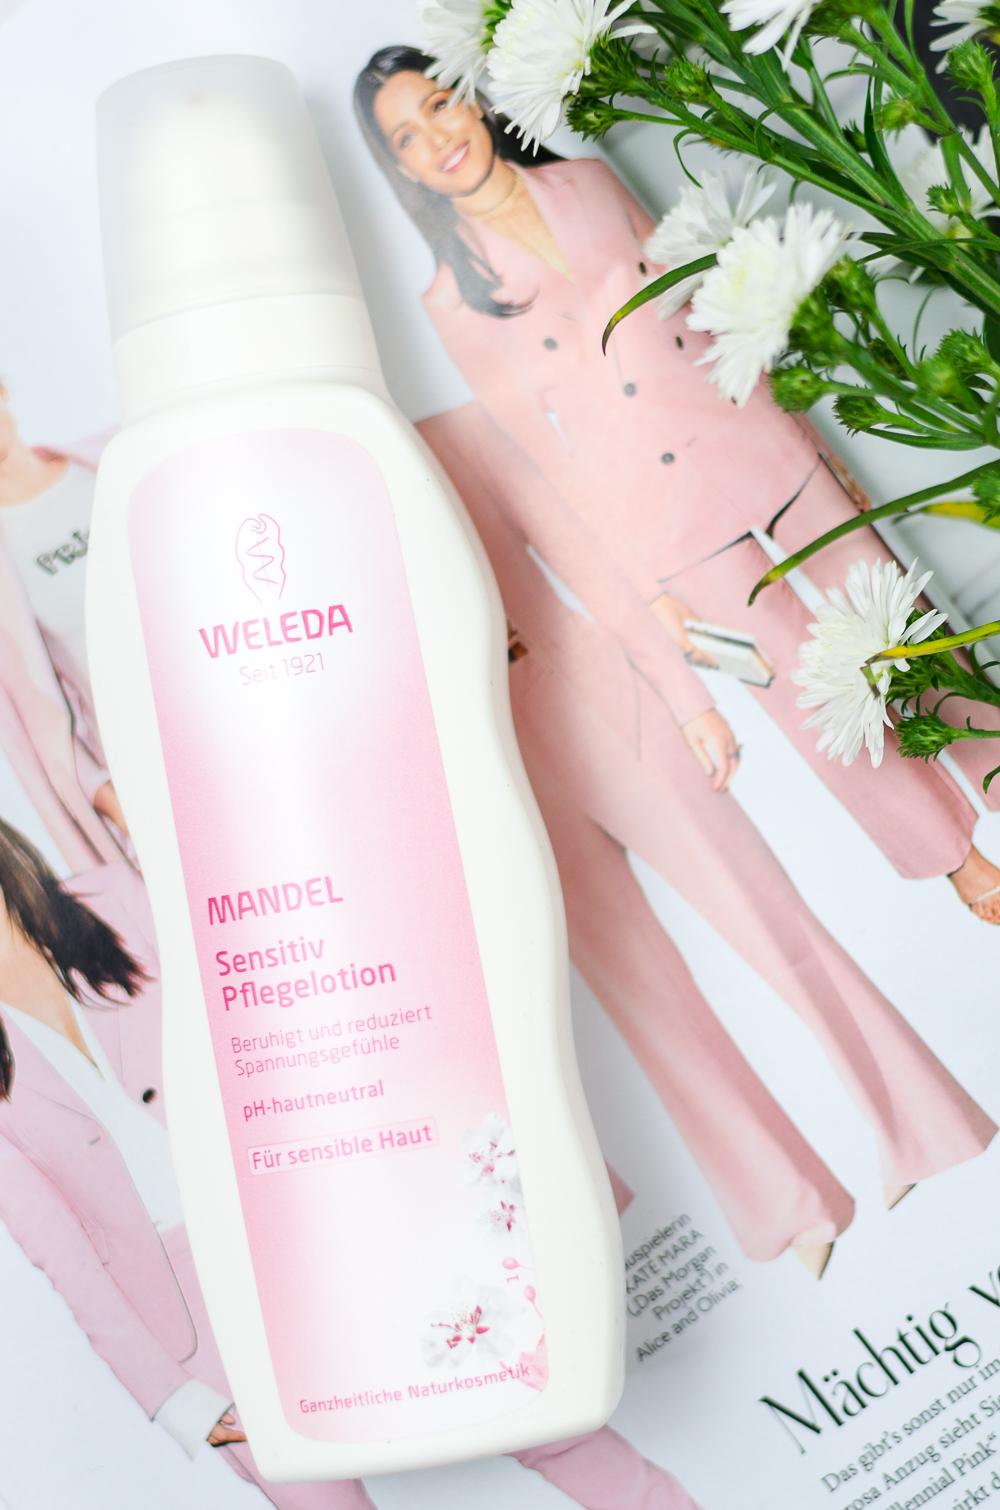 Diese Inhaltsstoffe sind schlecht für deine Haut-zertifizierte Naturkosmetik-Weleda bestellen-Shop Apotheke-andysparkles.de